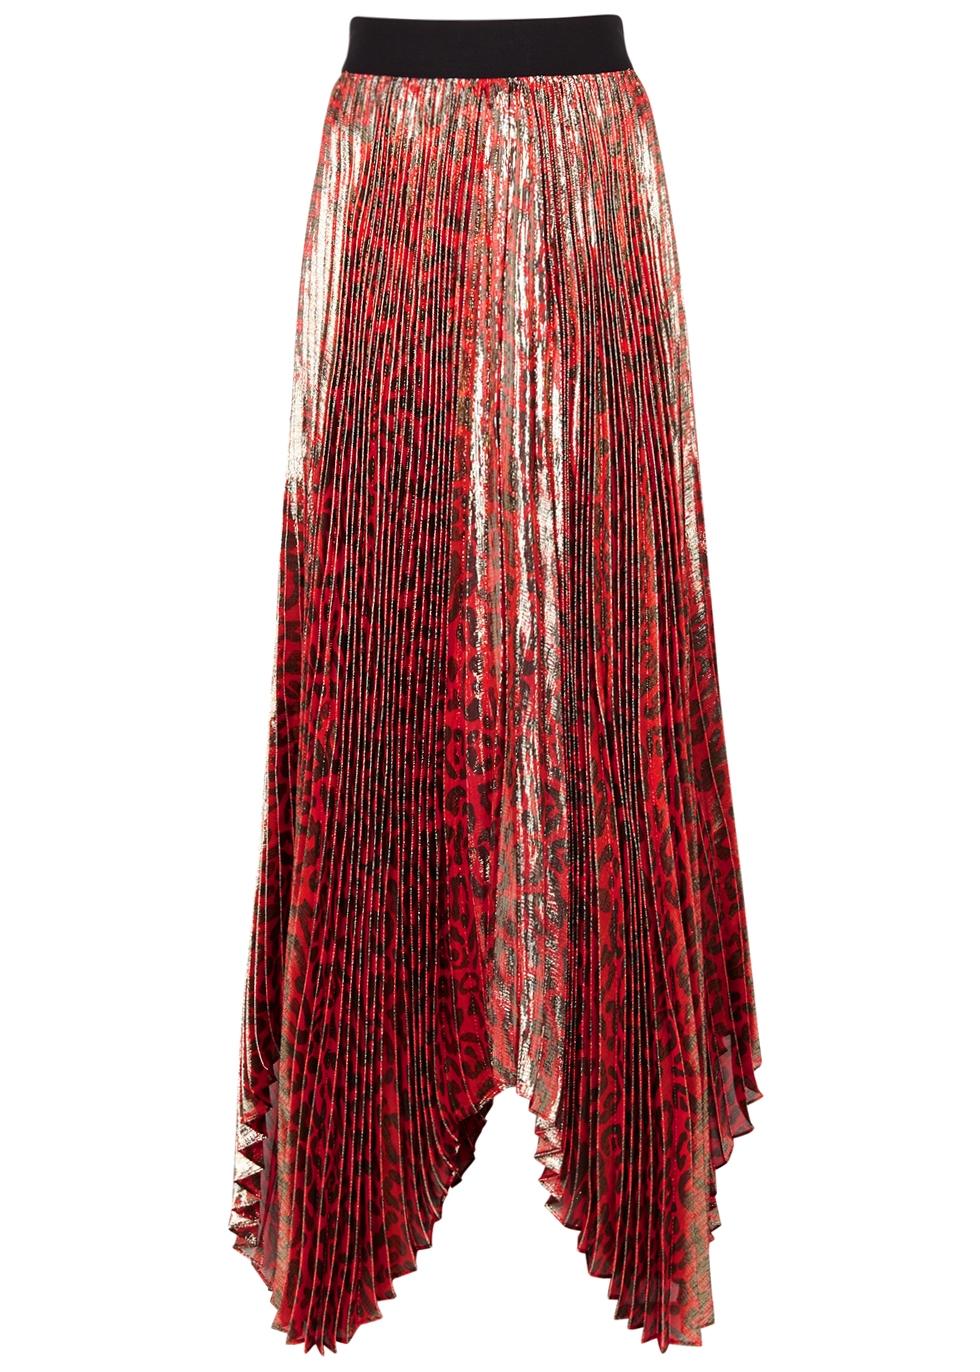 Alice+Olivia Animal Print Pleated Skirt - Red